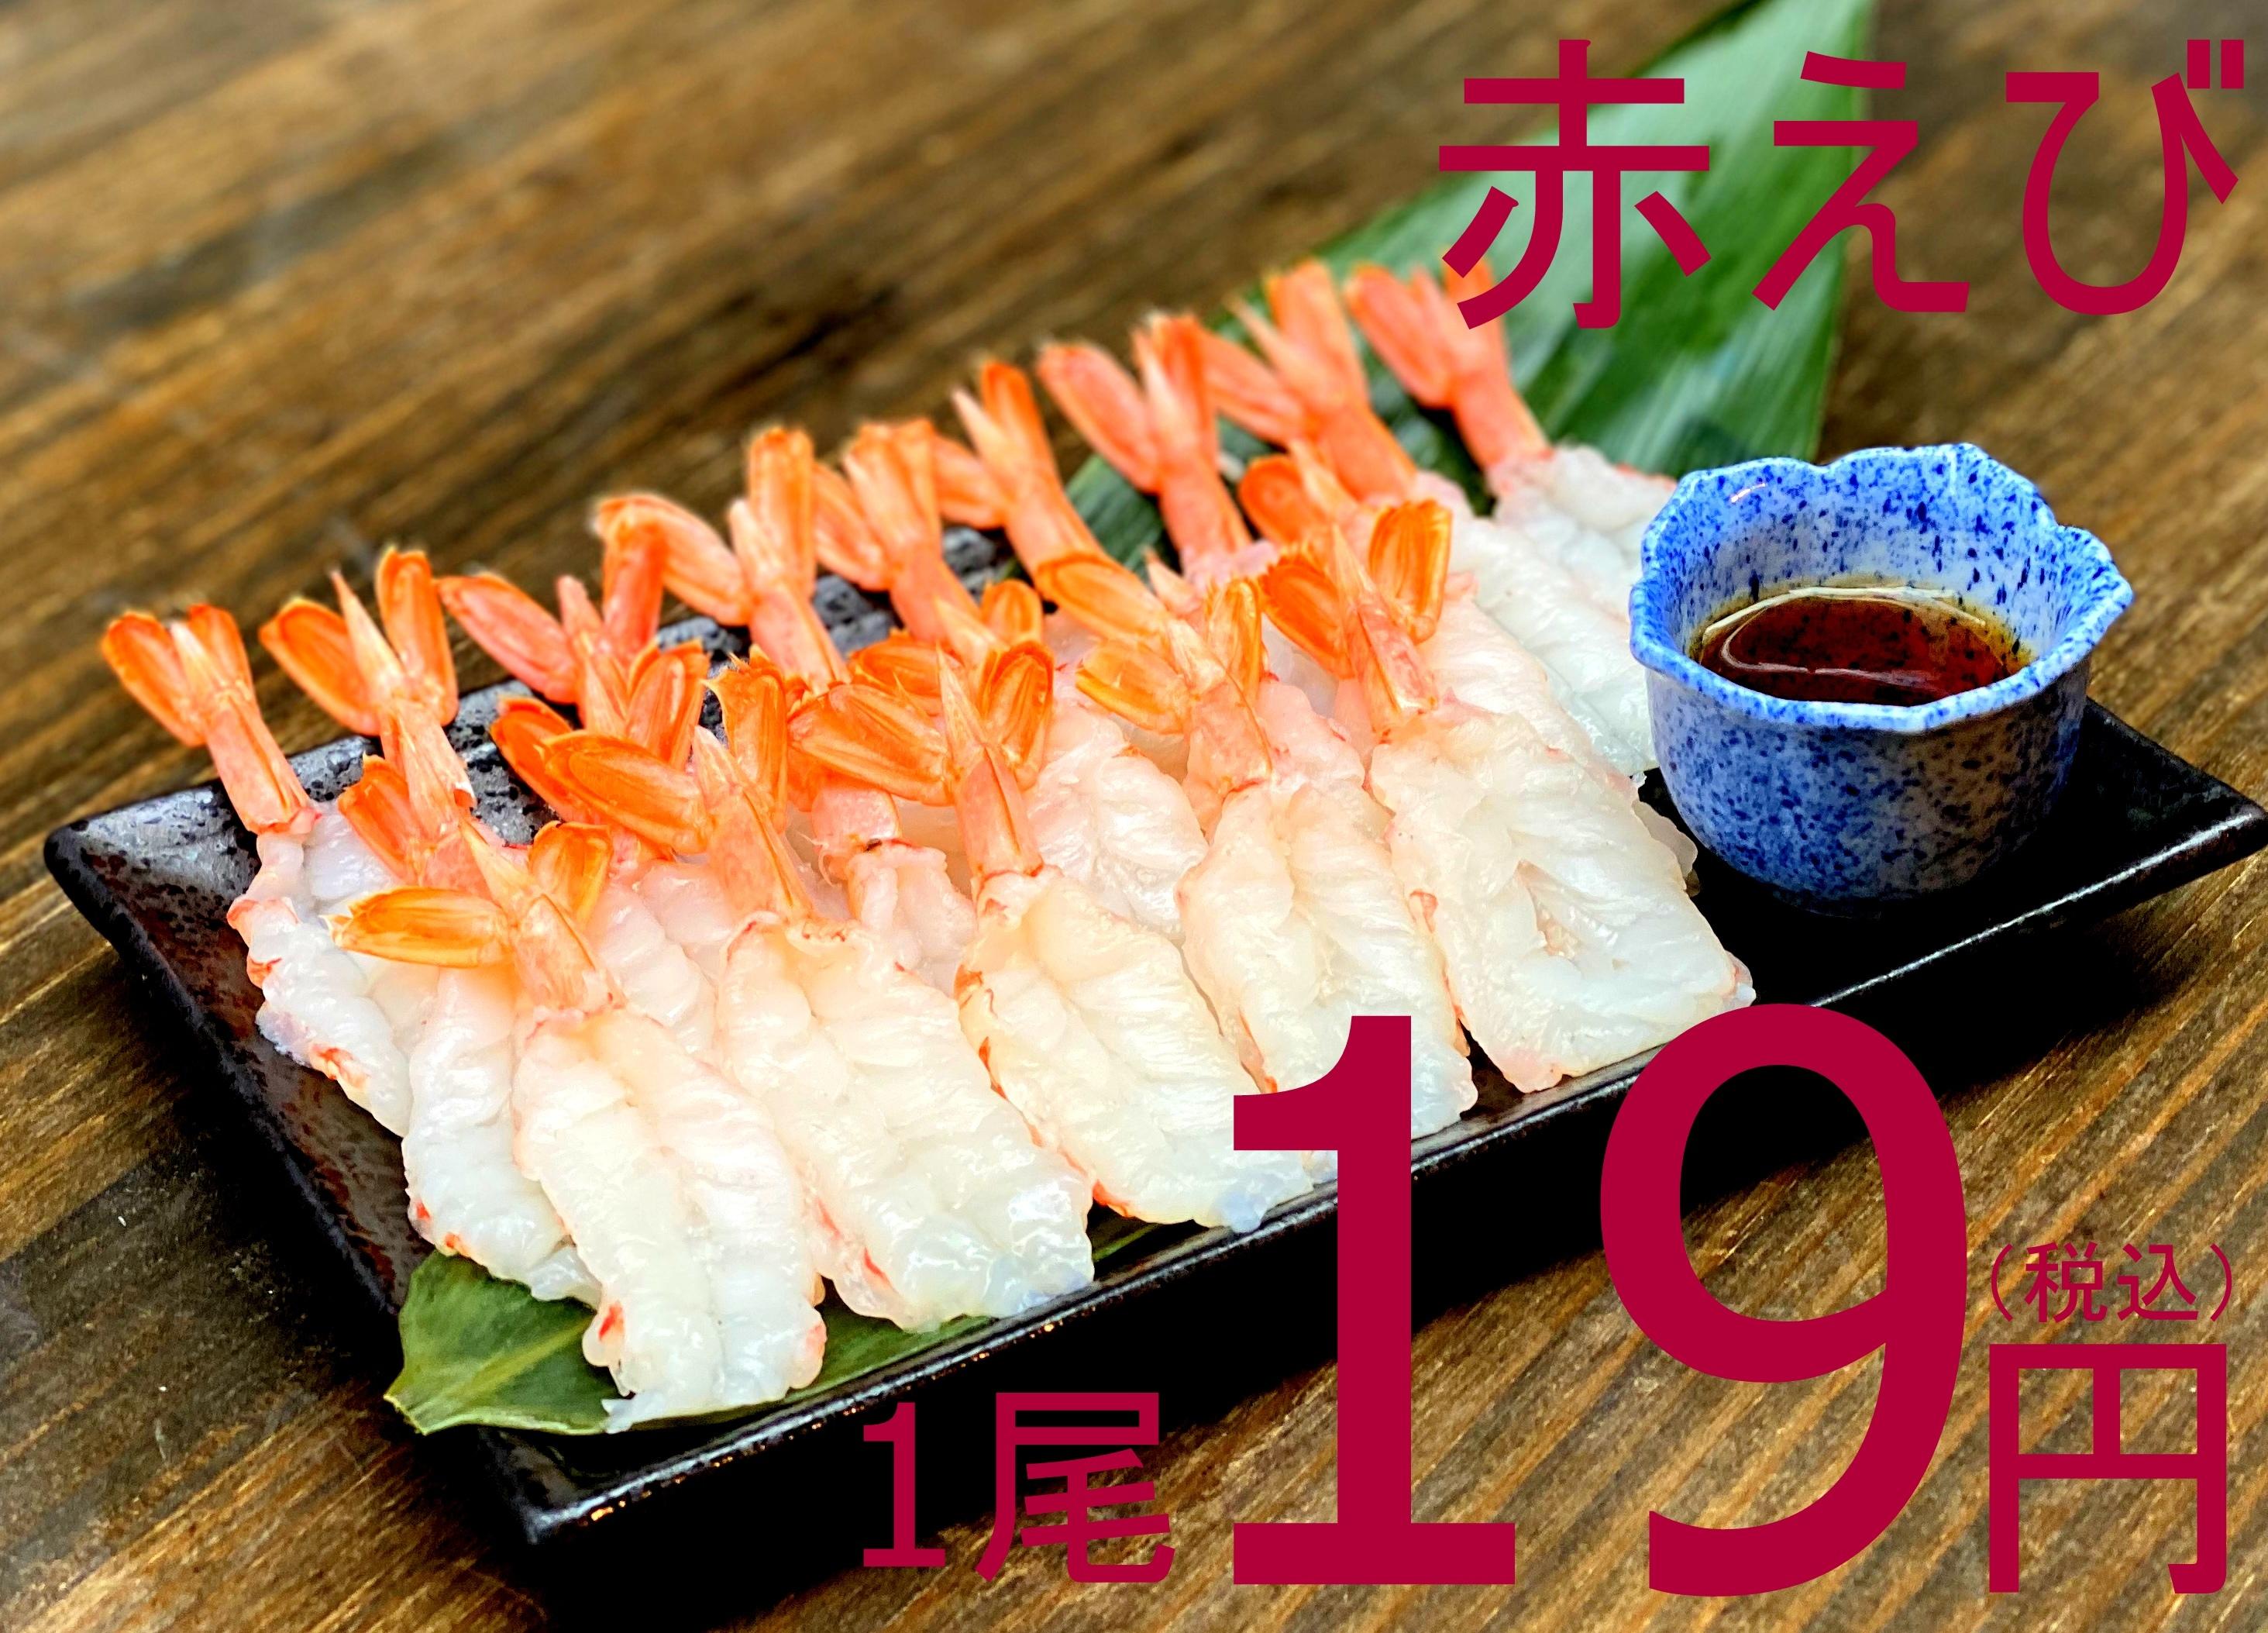 【一般のお客様大歓迎】202 冷凍赤えび開き(生食用・お刺身)4L 20尾トレー入 業務用